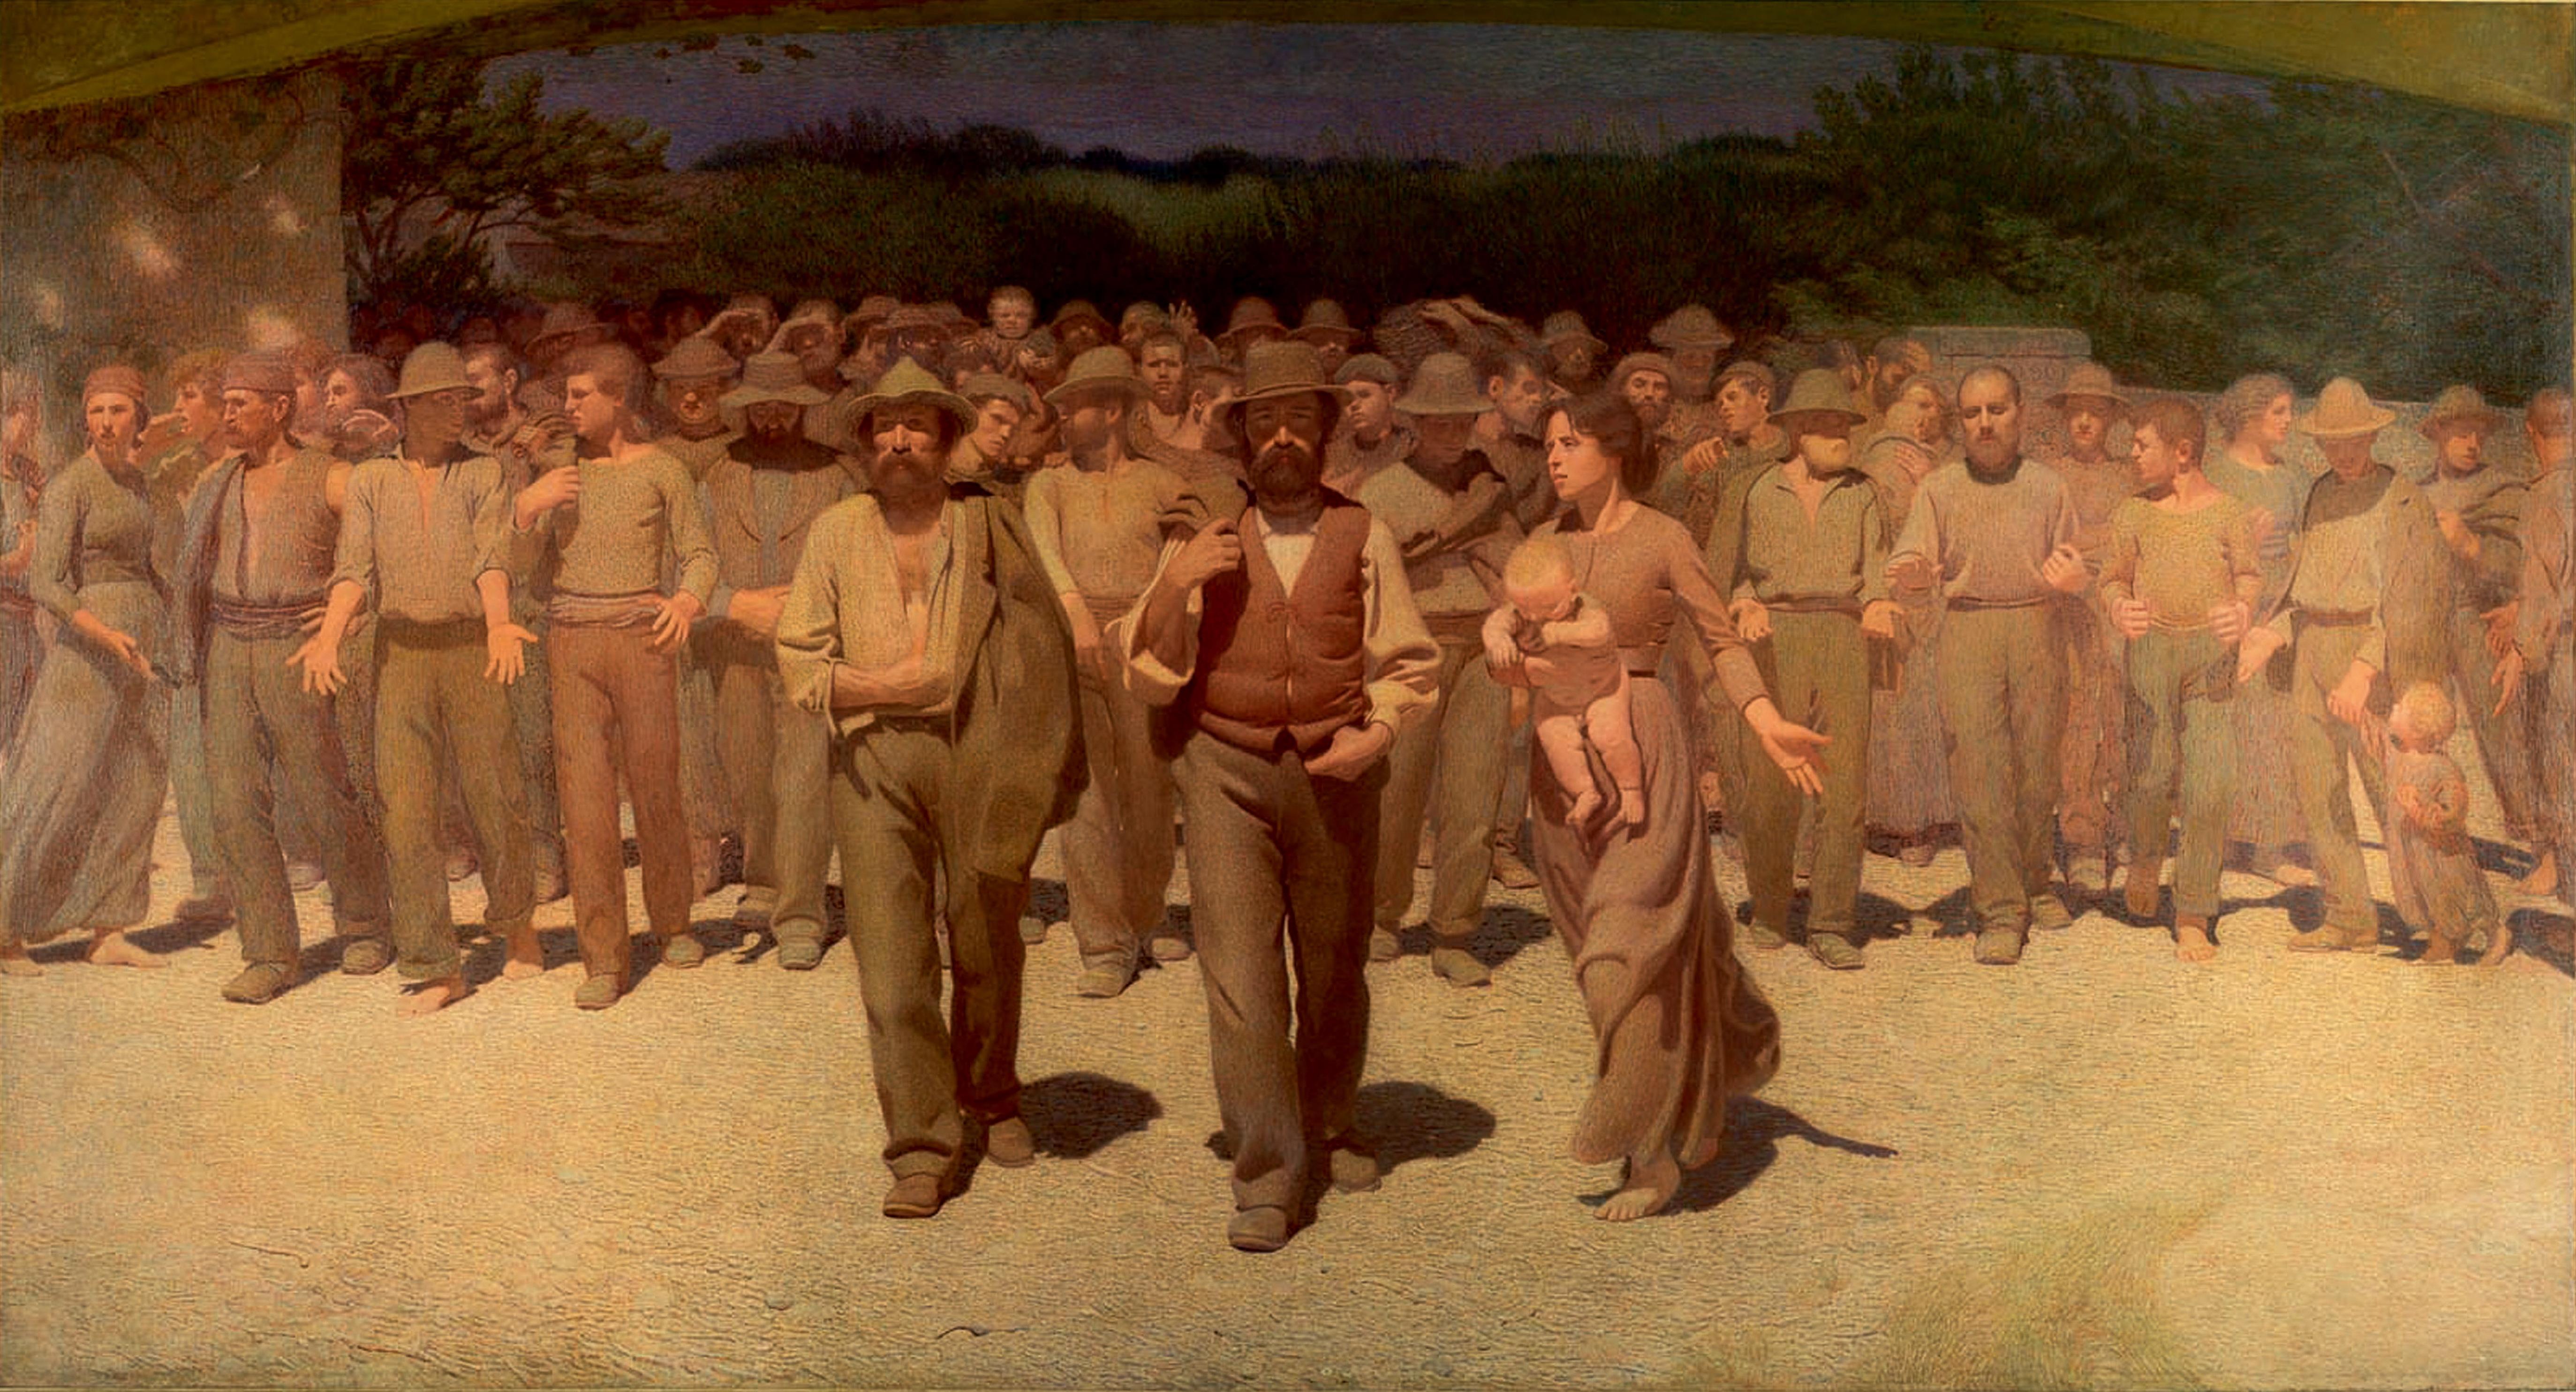 Giuseppe Pellizza da Volpedo, Il quarto stato (1901)